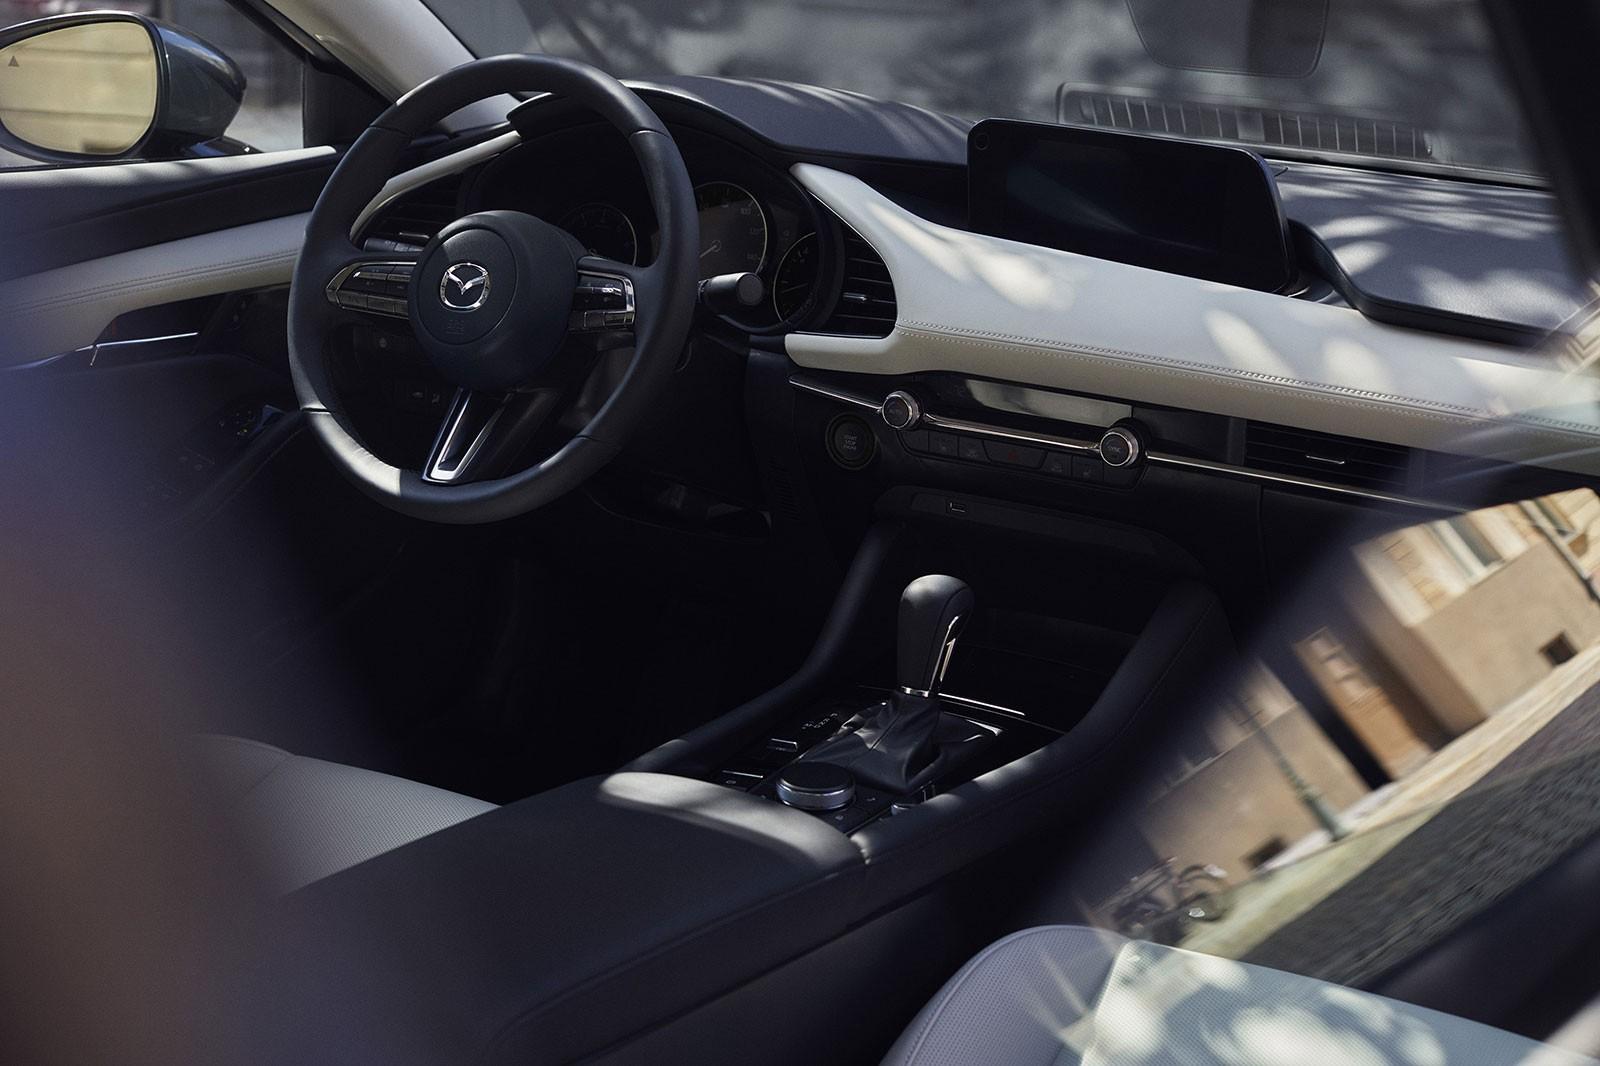 Mazda3 2019 được trang bị các tính năng an toàn cả thụ động và bị động đầy đủ